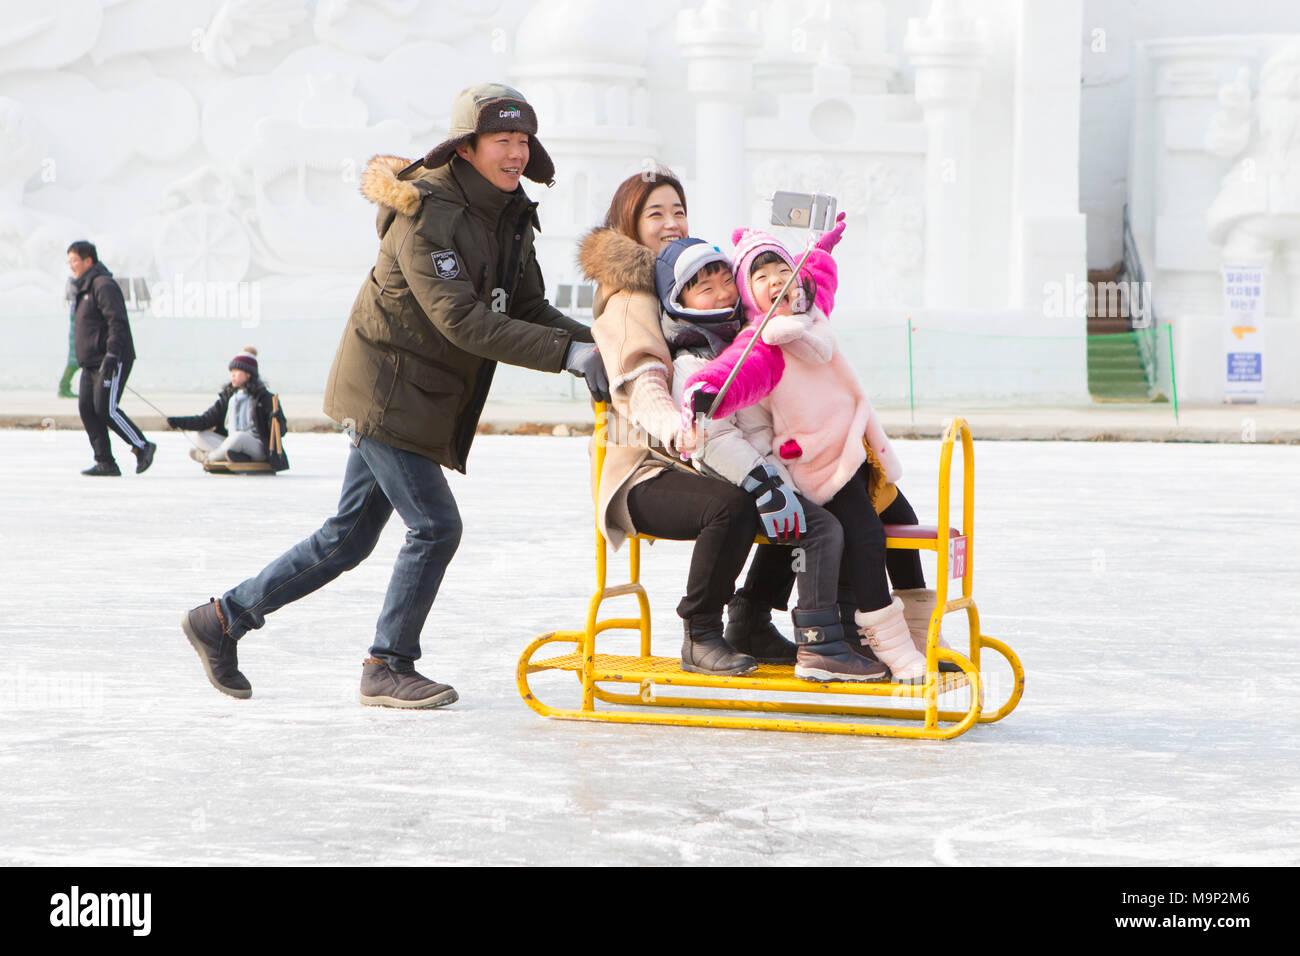 Une asiatique à la famille est de s'amuser en prenant un traîneau selfies sur un groupe à la rivière gelée au Hwacheon Sancheoneo Ice Festival. L'Hwacheon Sancheoneo Ice Festival est une tradition pour les coréens. Chaque année en janvier les foules se rassemblent à la rivière gelée pour célébrer le froid et la neige de l'hiver. L'attraction principale est la pêche sur glace. Jeunes et vieux attendent patiemment sur un petit trou dans la glace pour une truite de mordre. Dans des tentes qu'ils peuvent obtenir les poissons grillés après qu'ils soient mangés. Parmi les autres activités sont la luge et le patinage sur glace. La proximité de la région de Pyeongchang accueillera les Jeux Olympiques d'hiver à Photo Stock